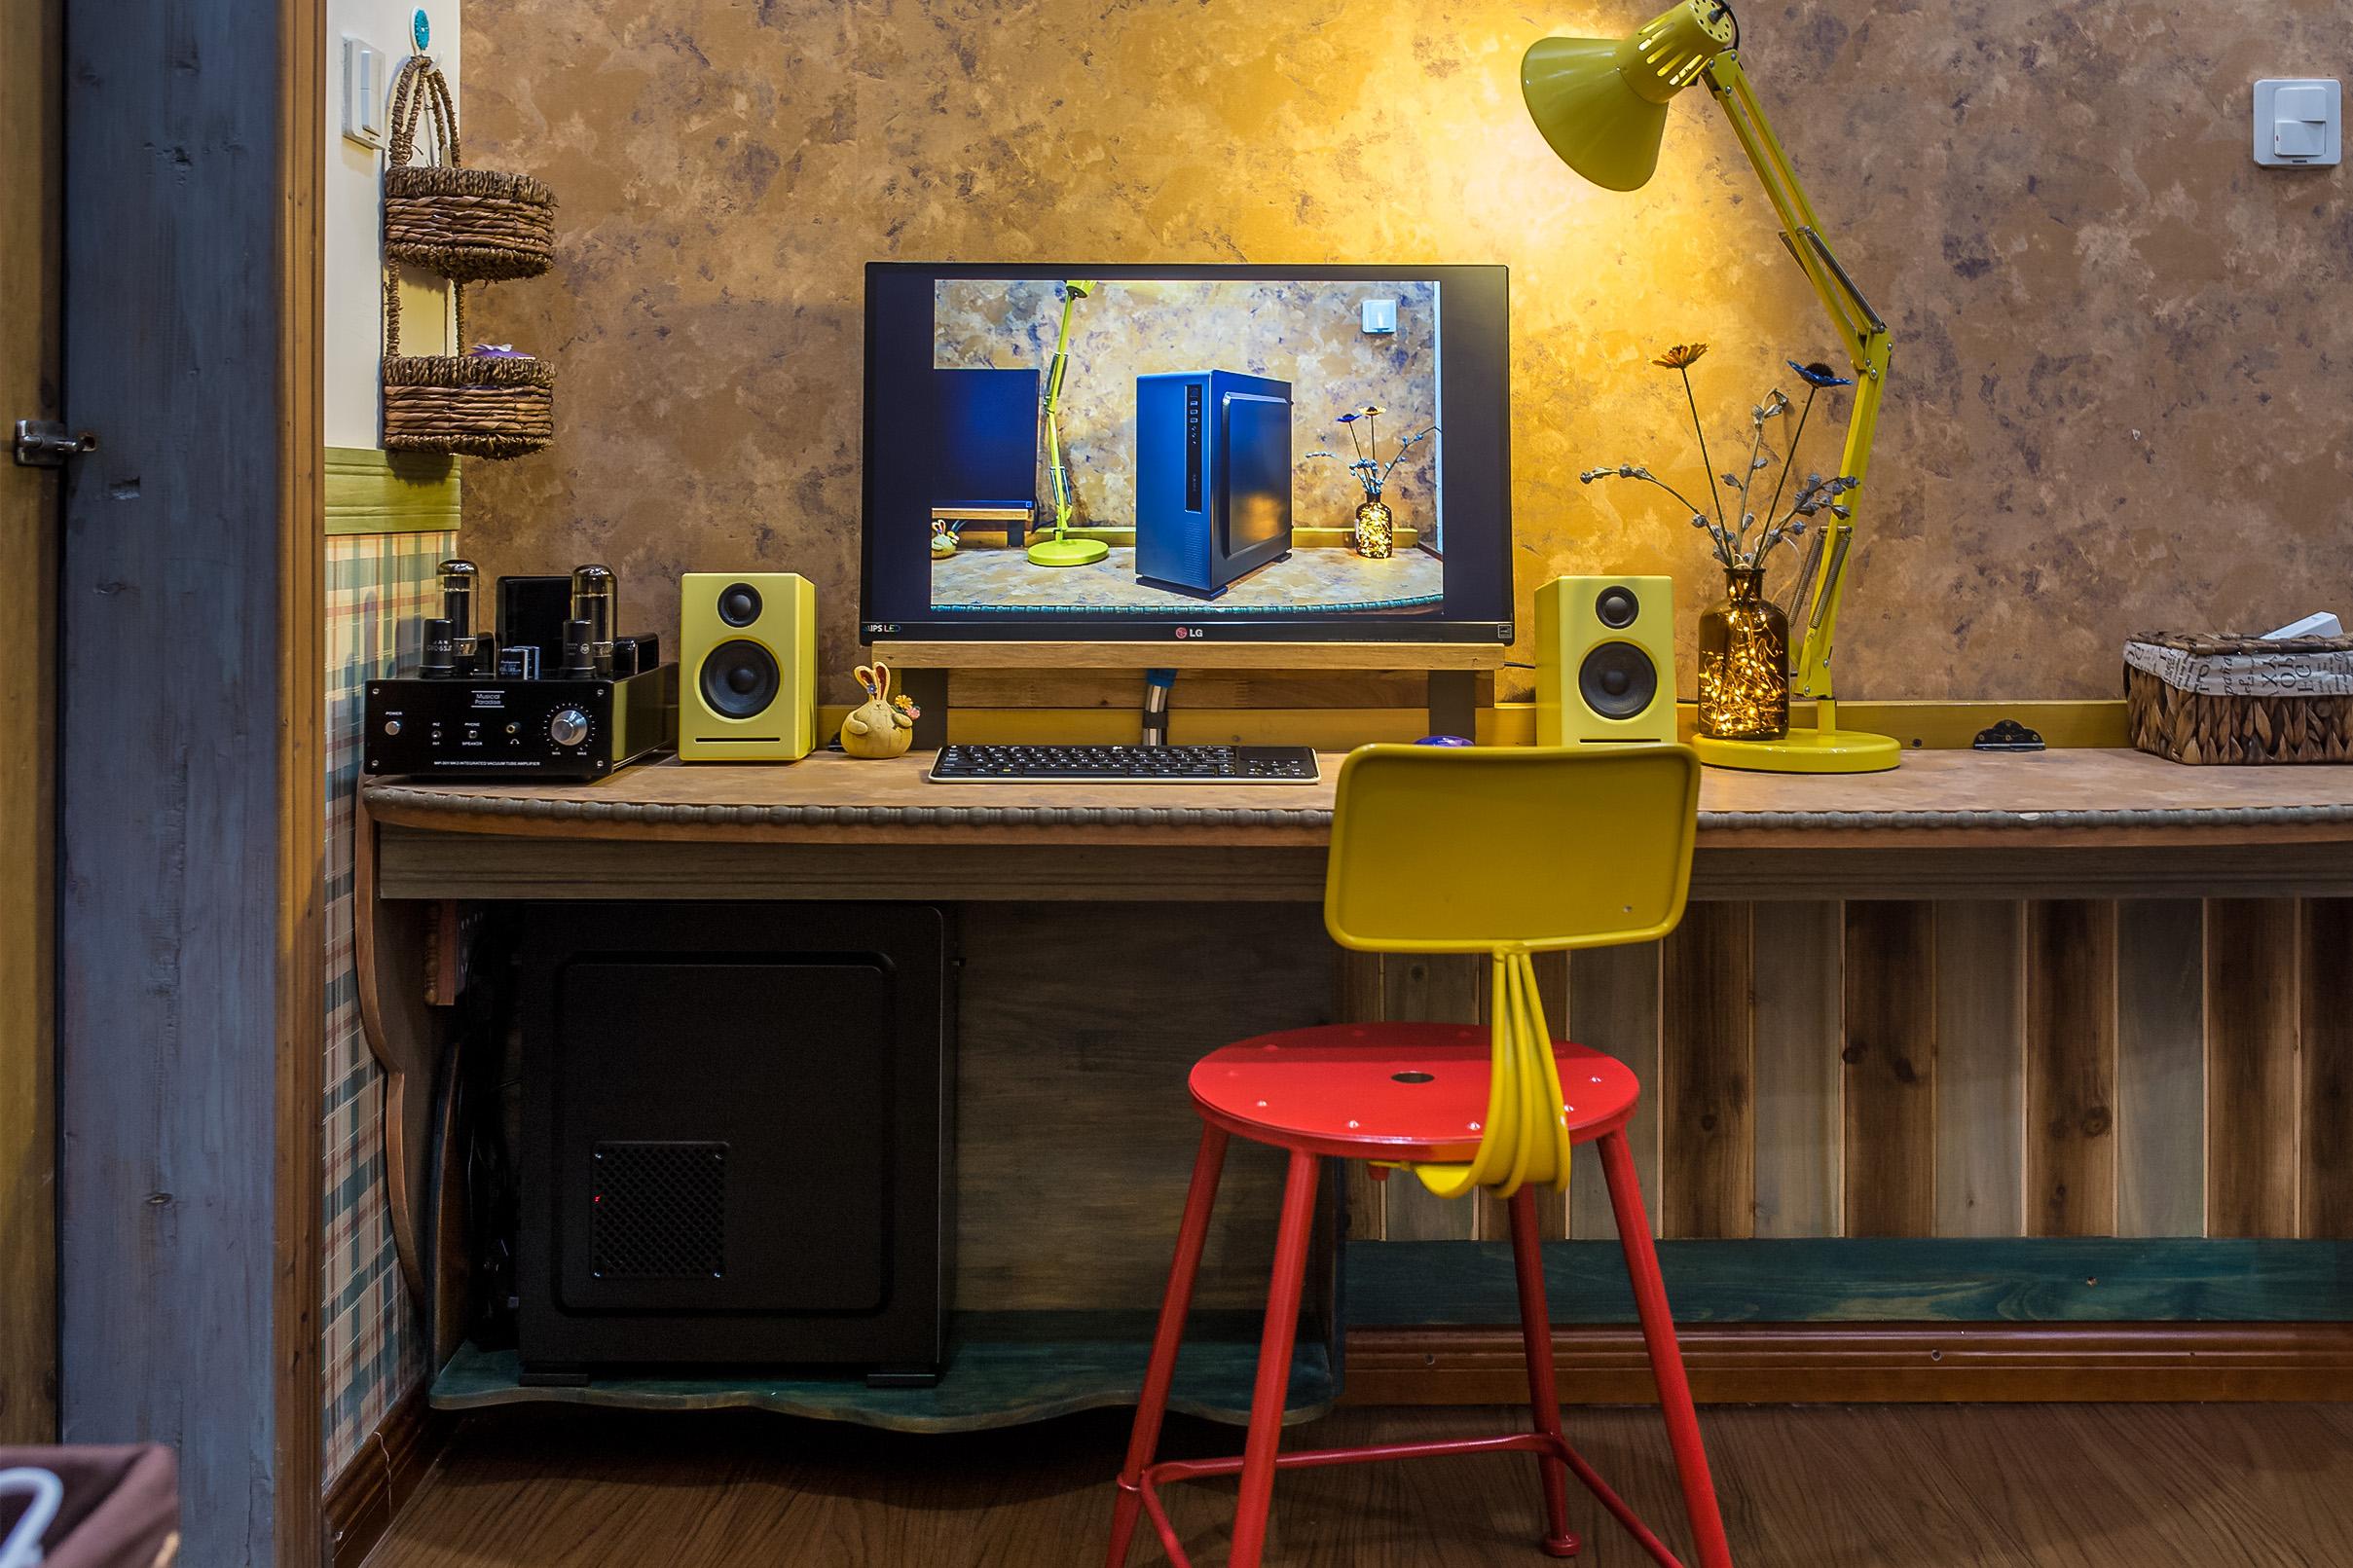 高性价比图形设计工作站,I5 8400 黑苹果电脑主机推荐